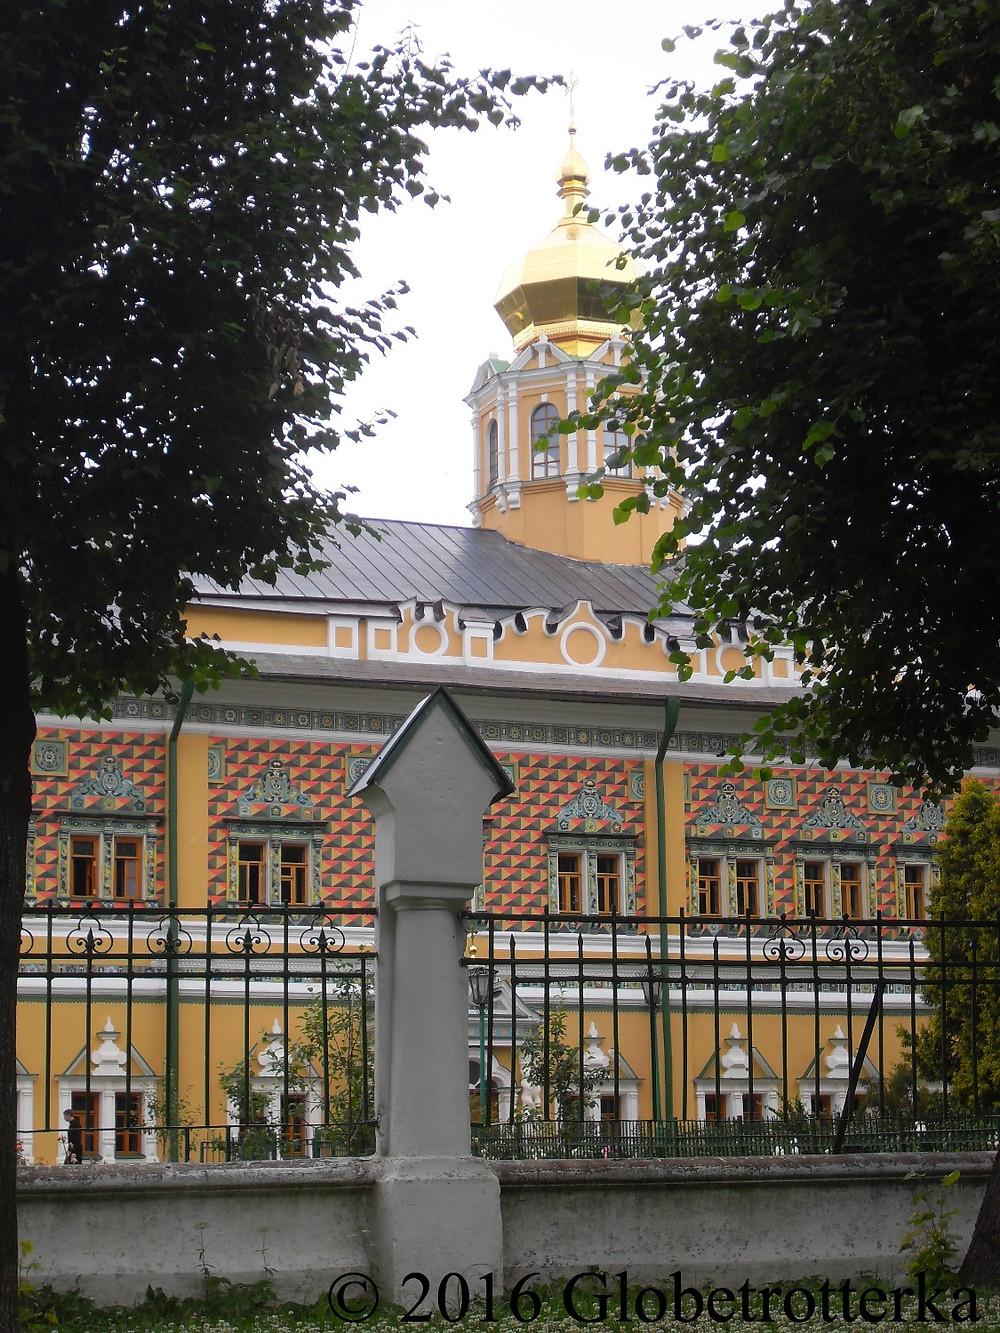 Habitations des moines de Serguiev Posad, interdites d'accès au public © 2016 Globetrotterka